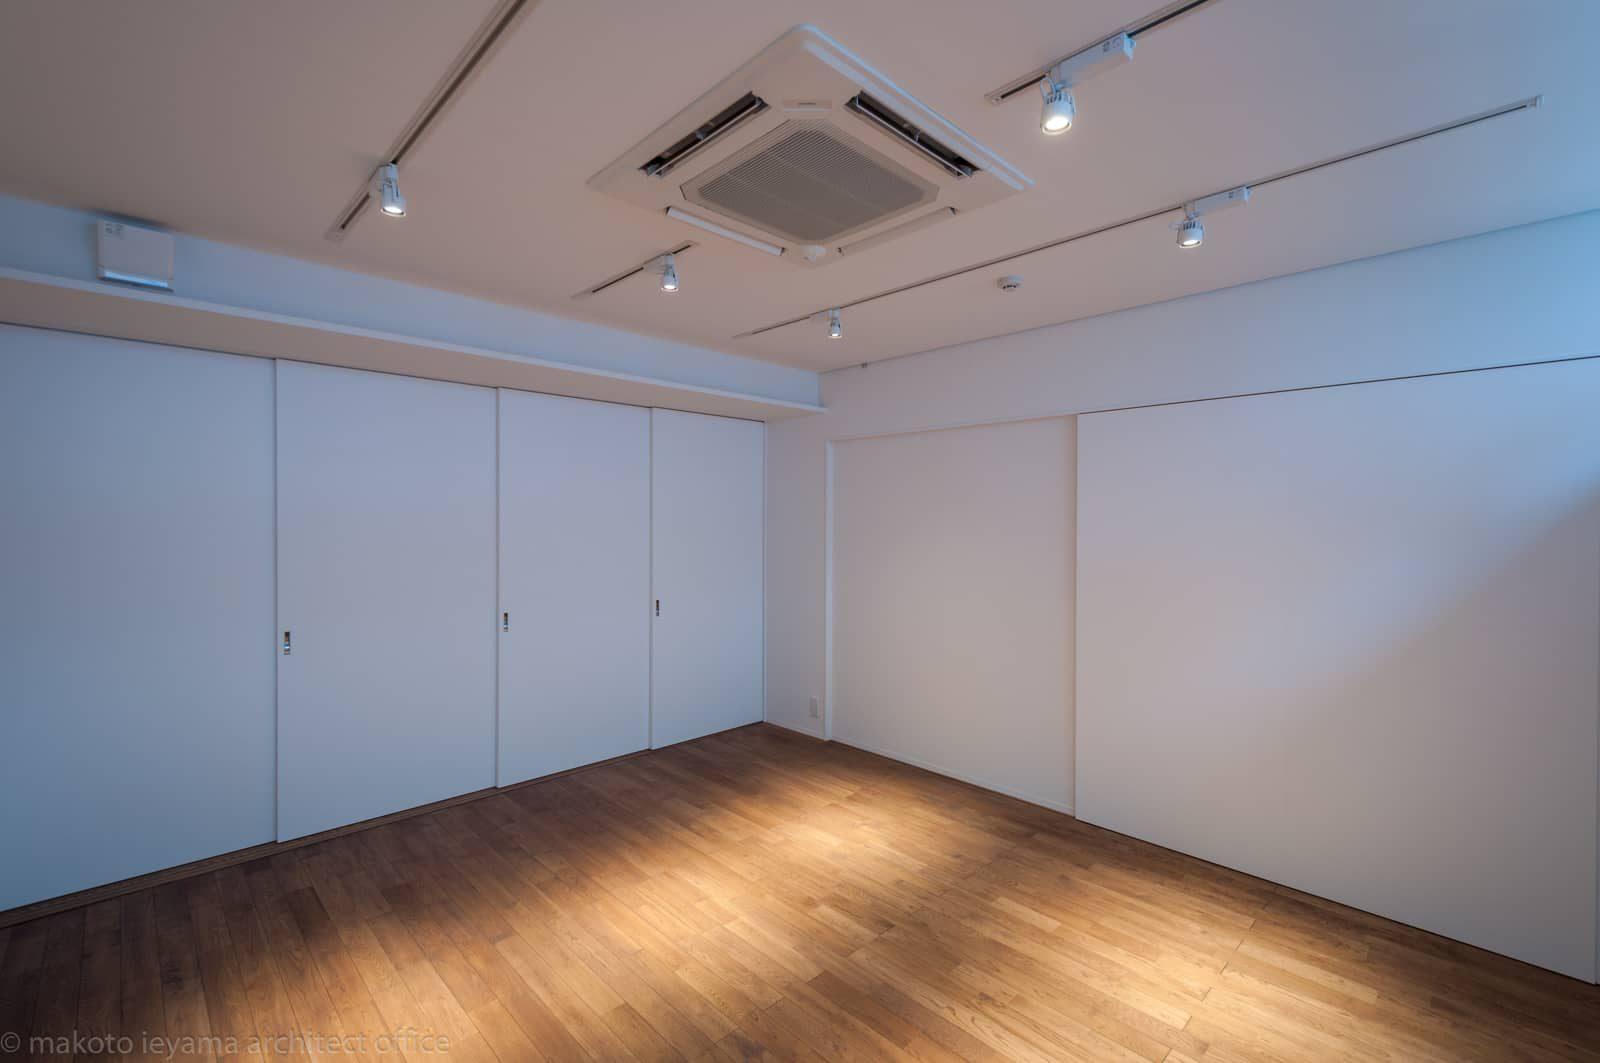 ギャラリー小上がりスペースの扉を閉める